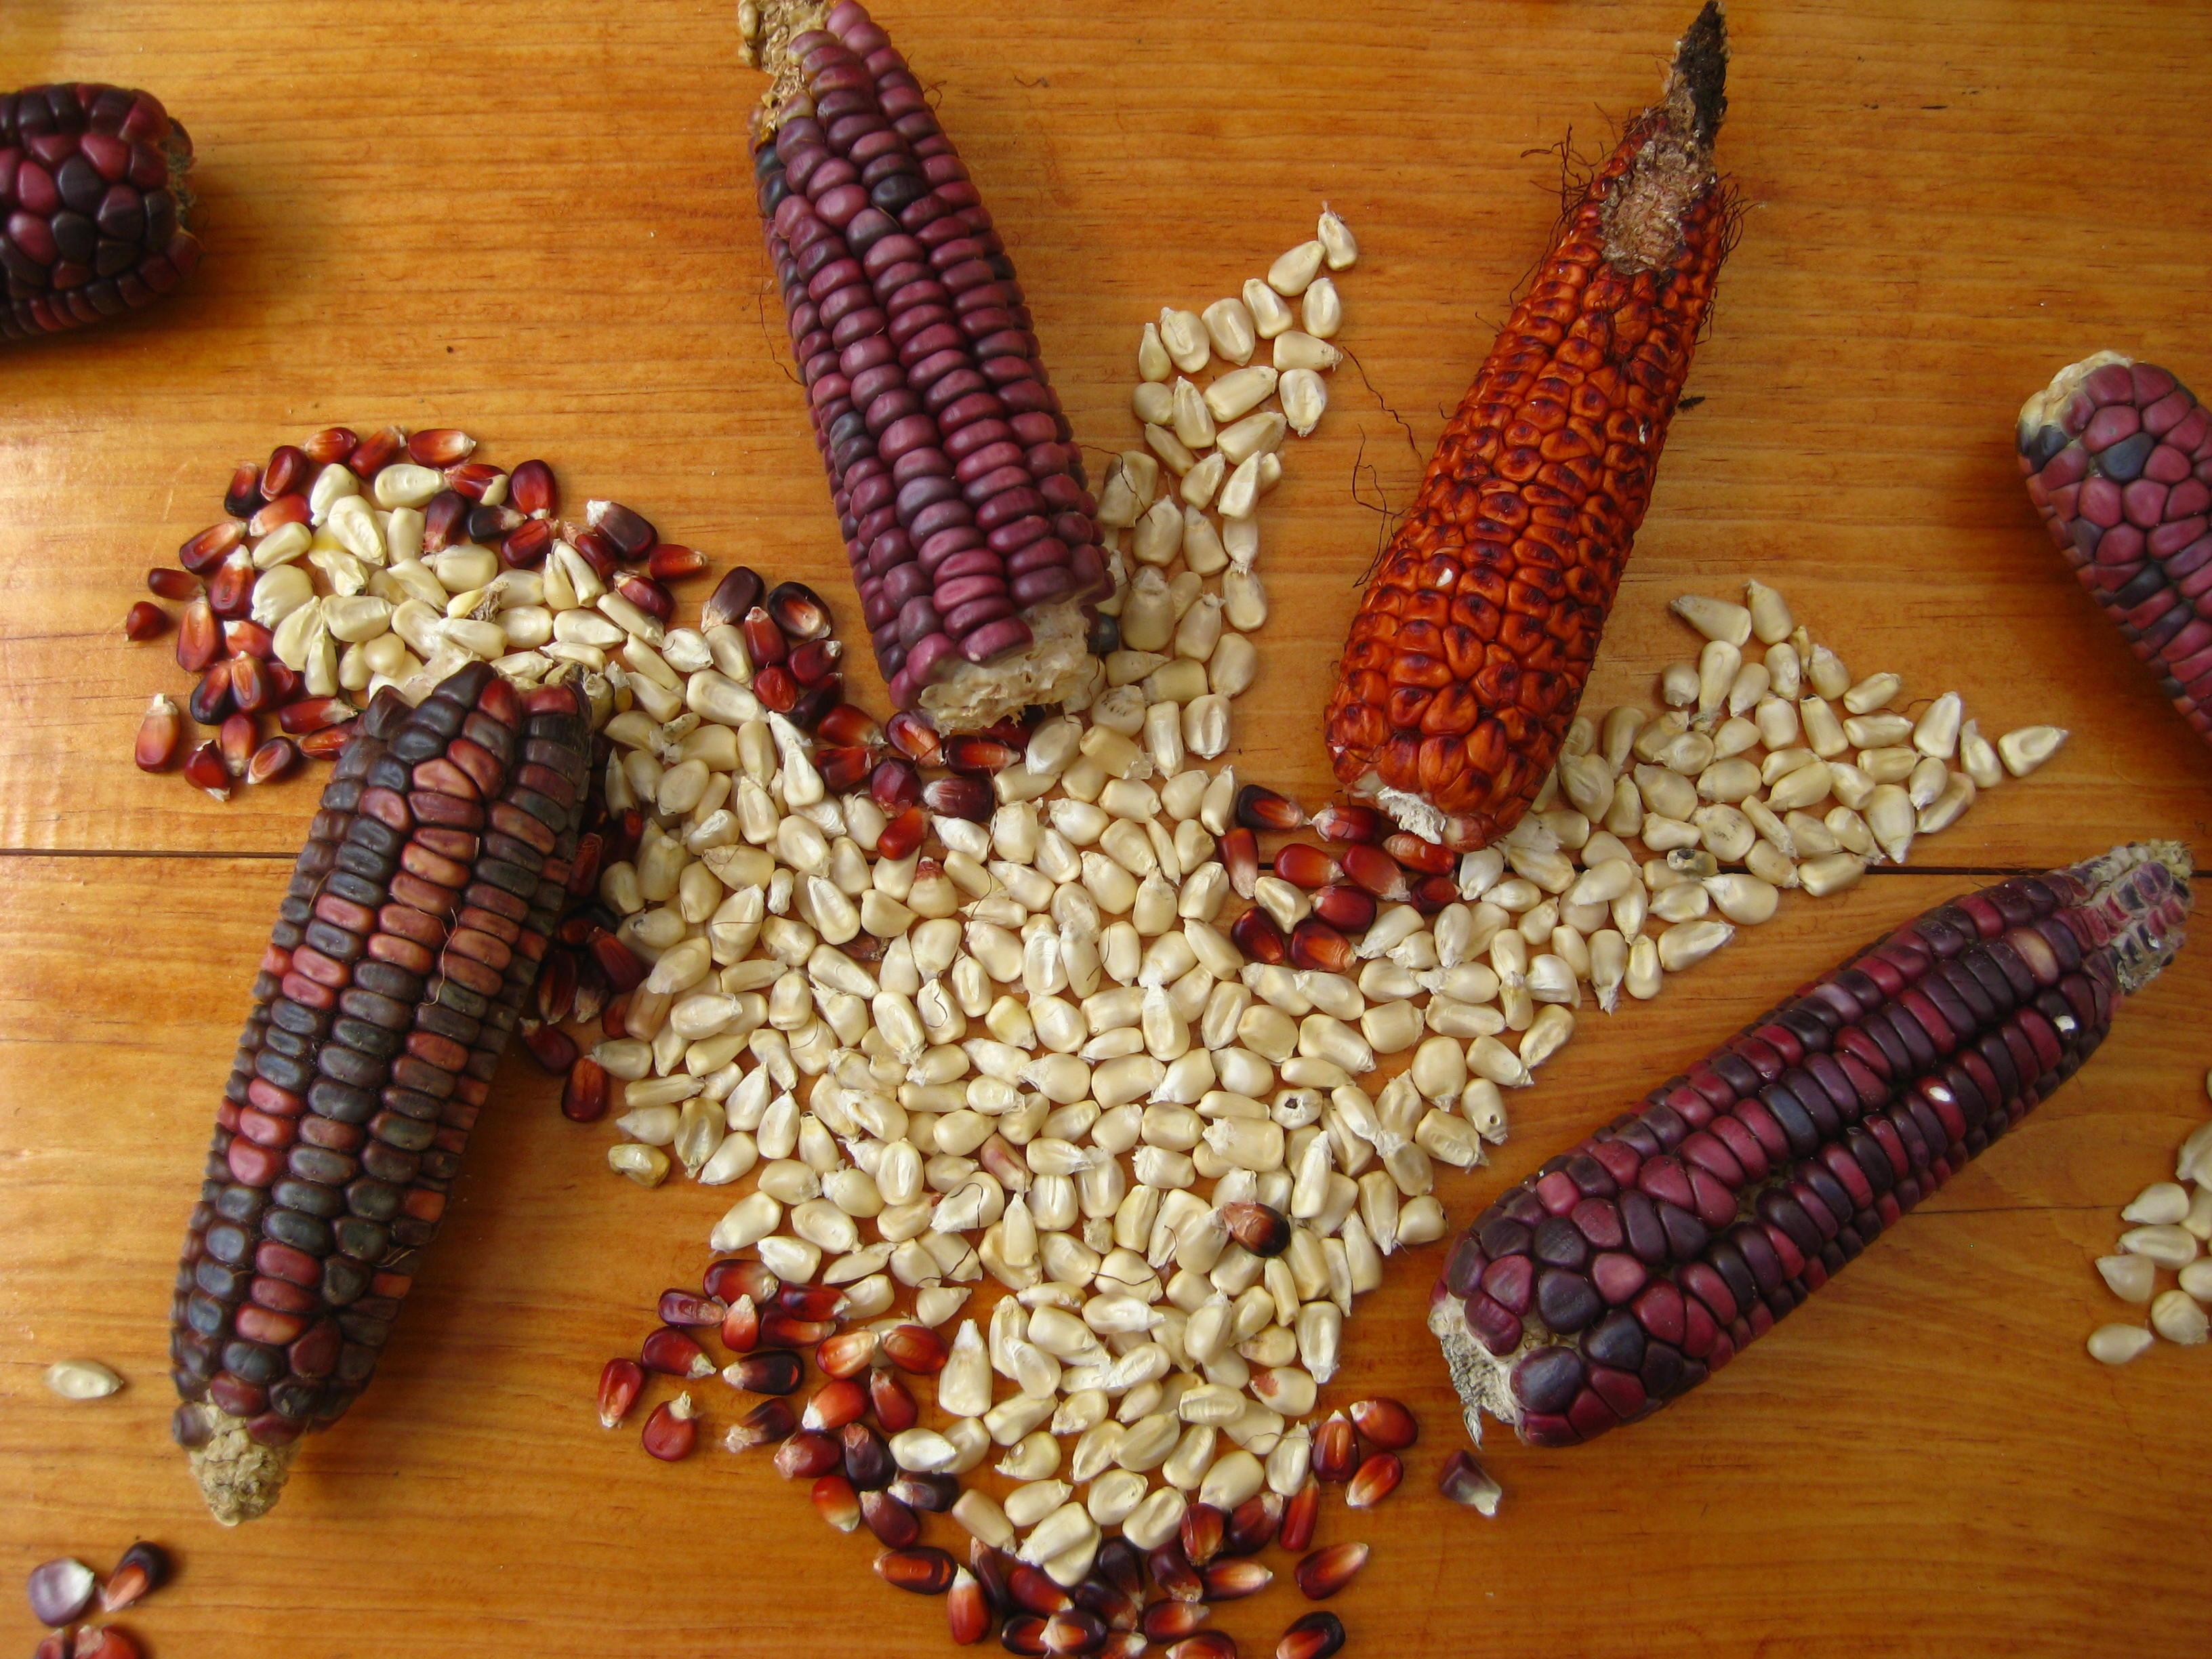 Semana de Maiz Croillo at Via Organica - San Miguel de Allende, Mexico